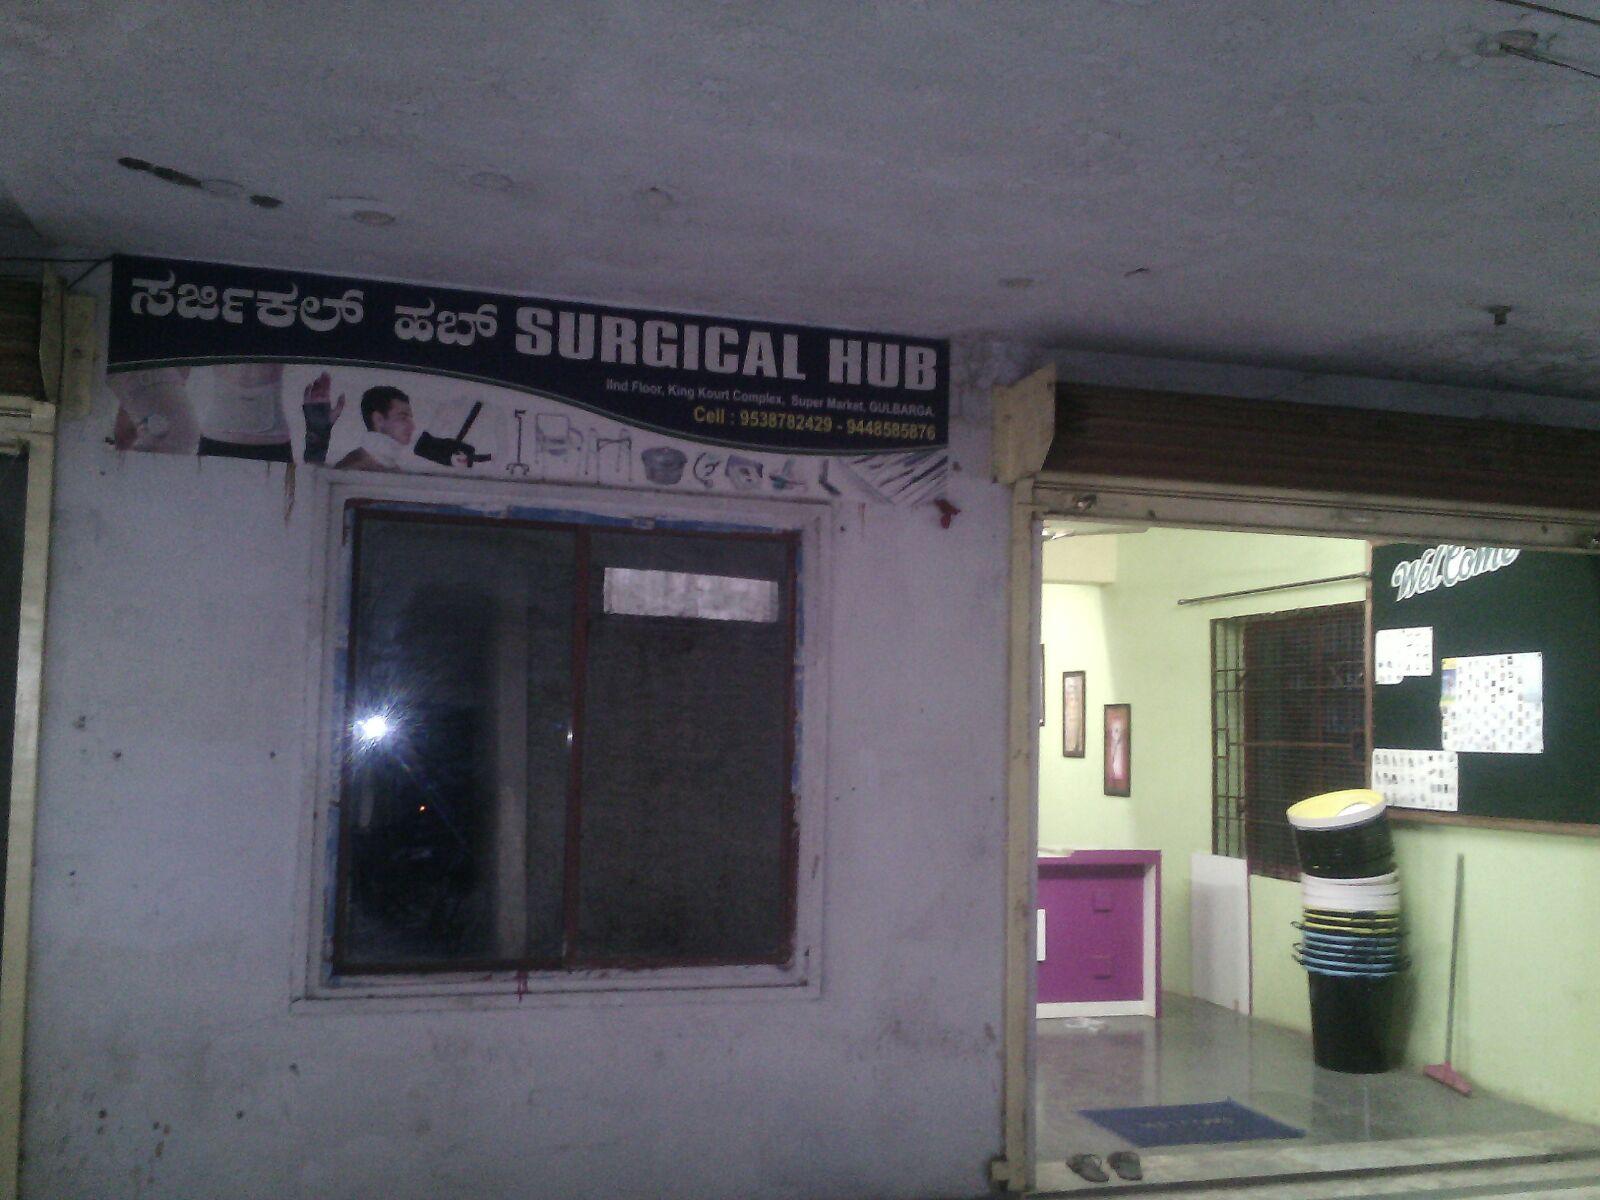 Surgical Hub